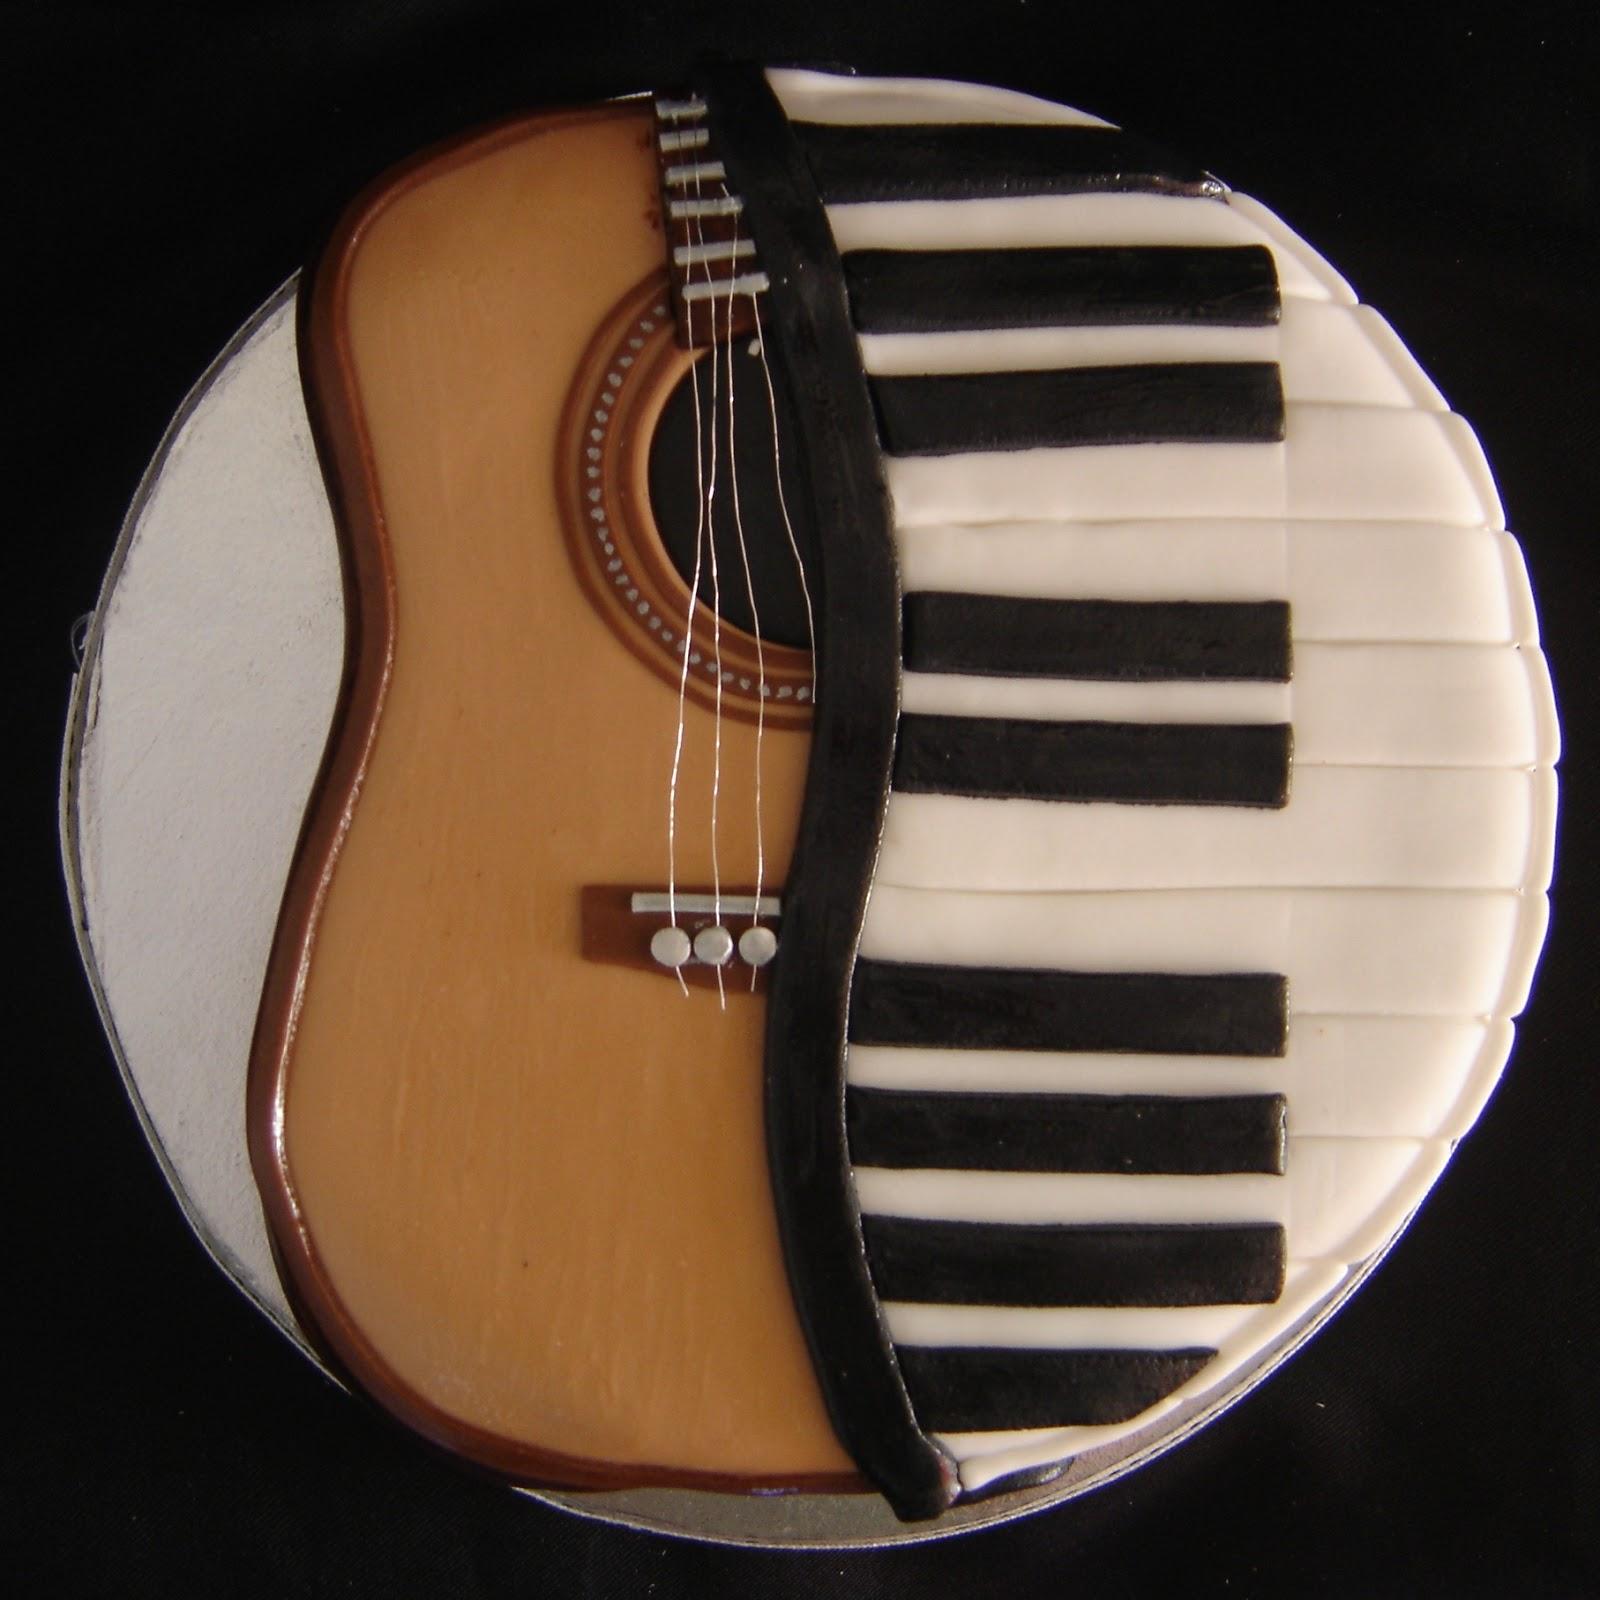 Cake till u drop: Guitar/piano cake